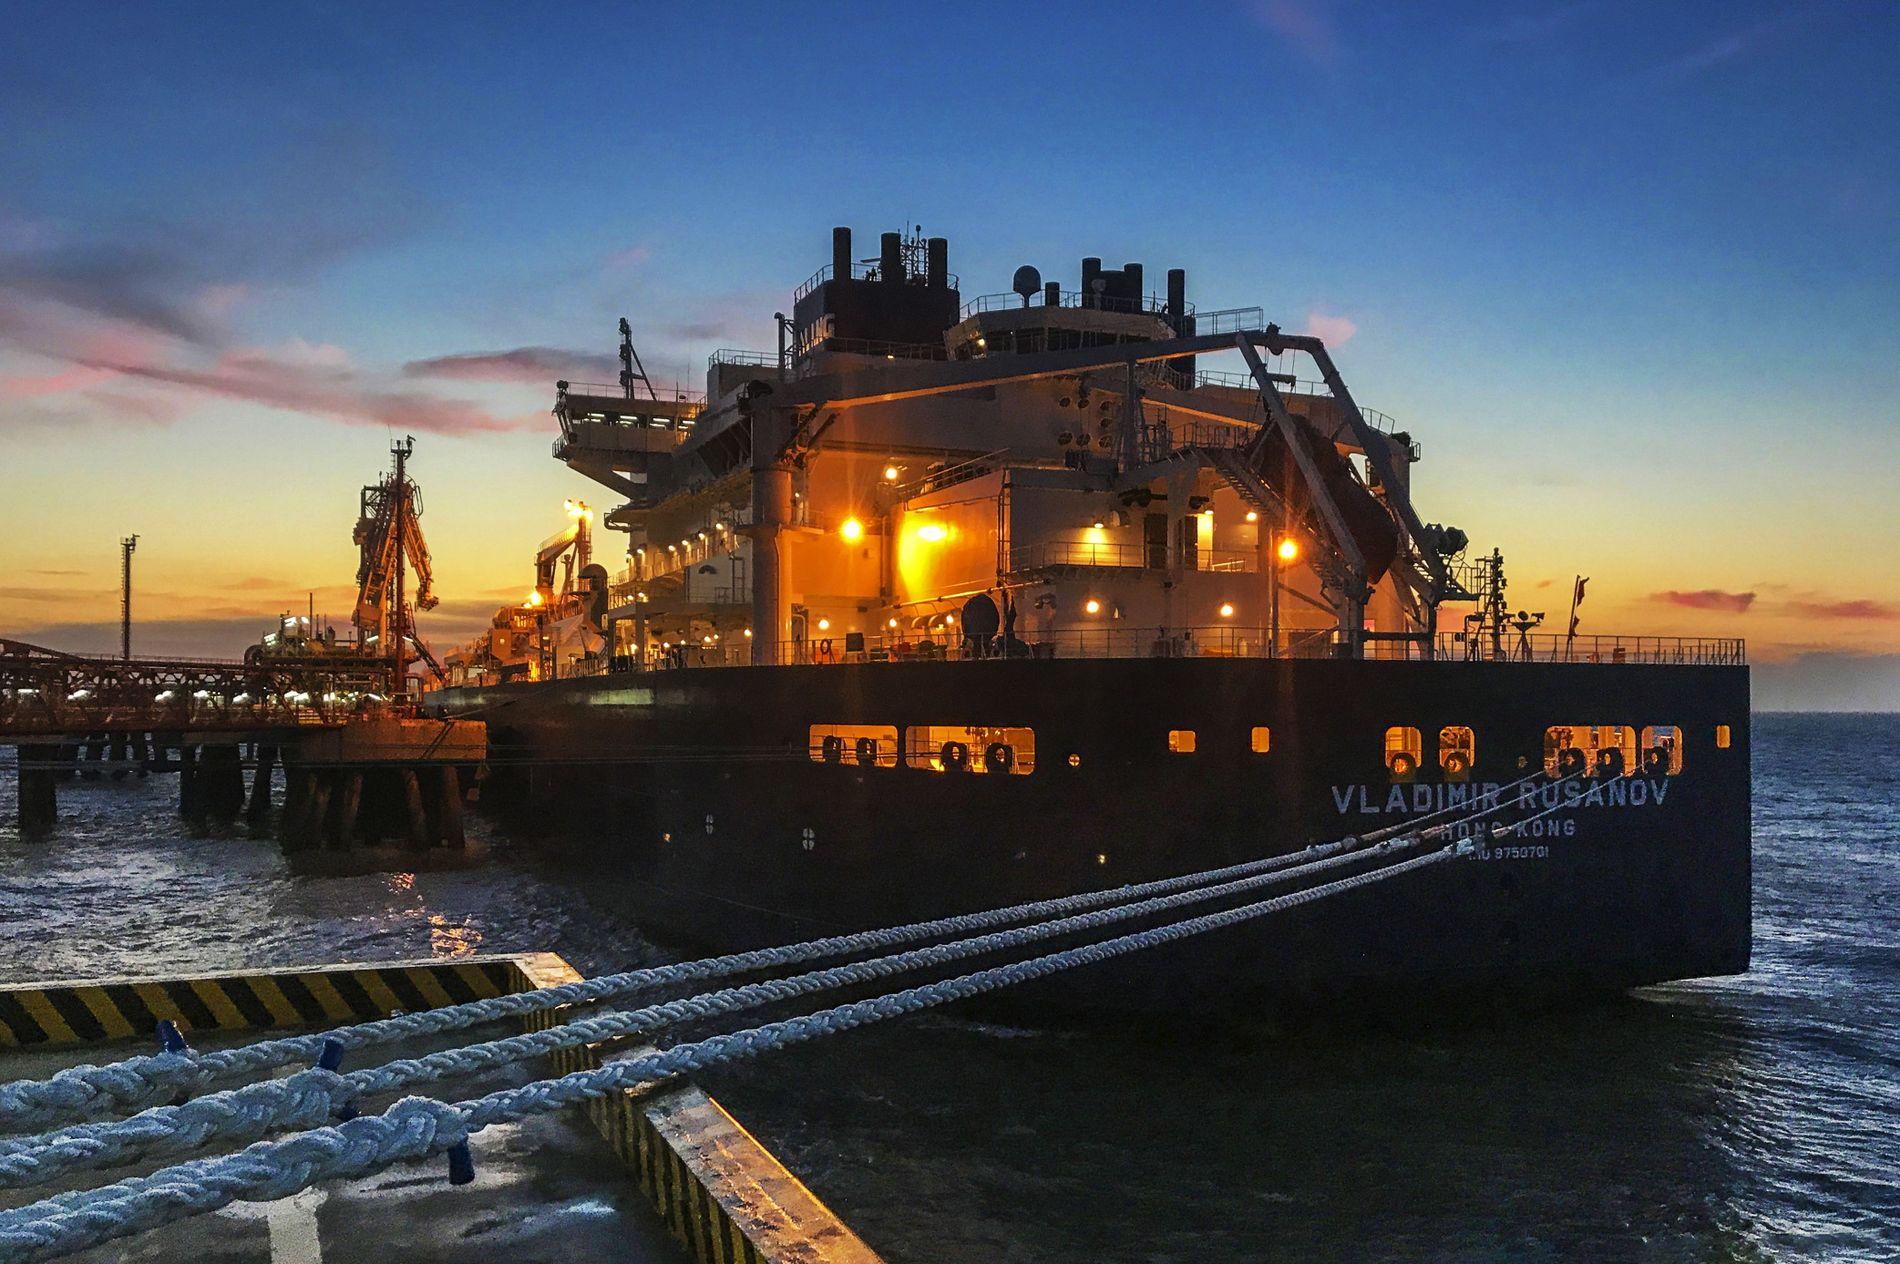 TANKSKIP: Kinas vil bli en «Polar supermakt», og veien til det går gjennom norske farvann. Her ankommer et tankskip byen Nantong i Kina med en arktisk ressurs, flytende naturgass, fra kinesernes plattform i Sibir. Fremover vil Kina ekspandere sin virksomhet i norske områder i Arktis.